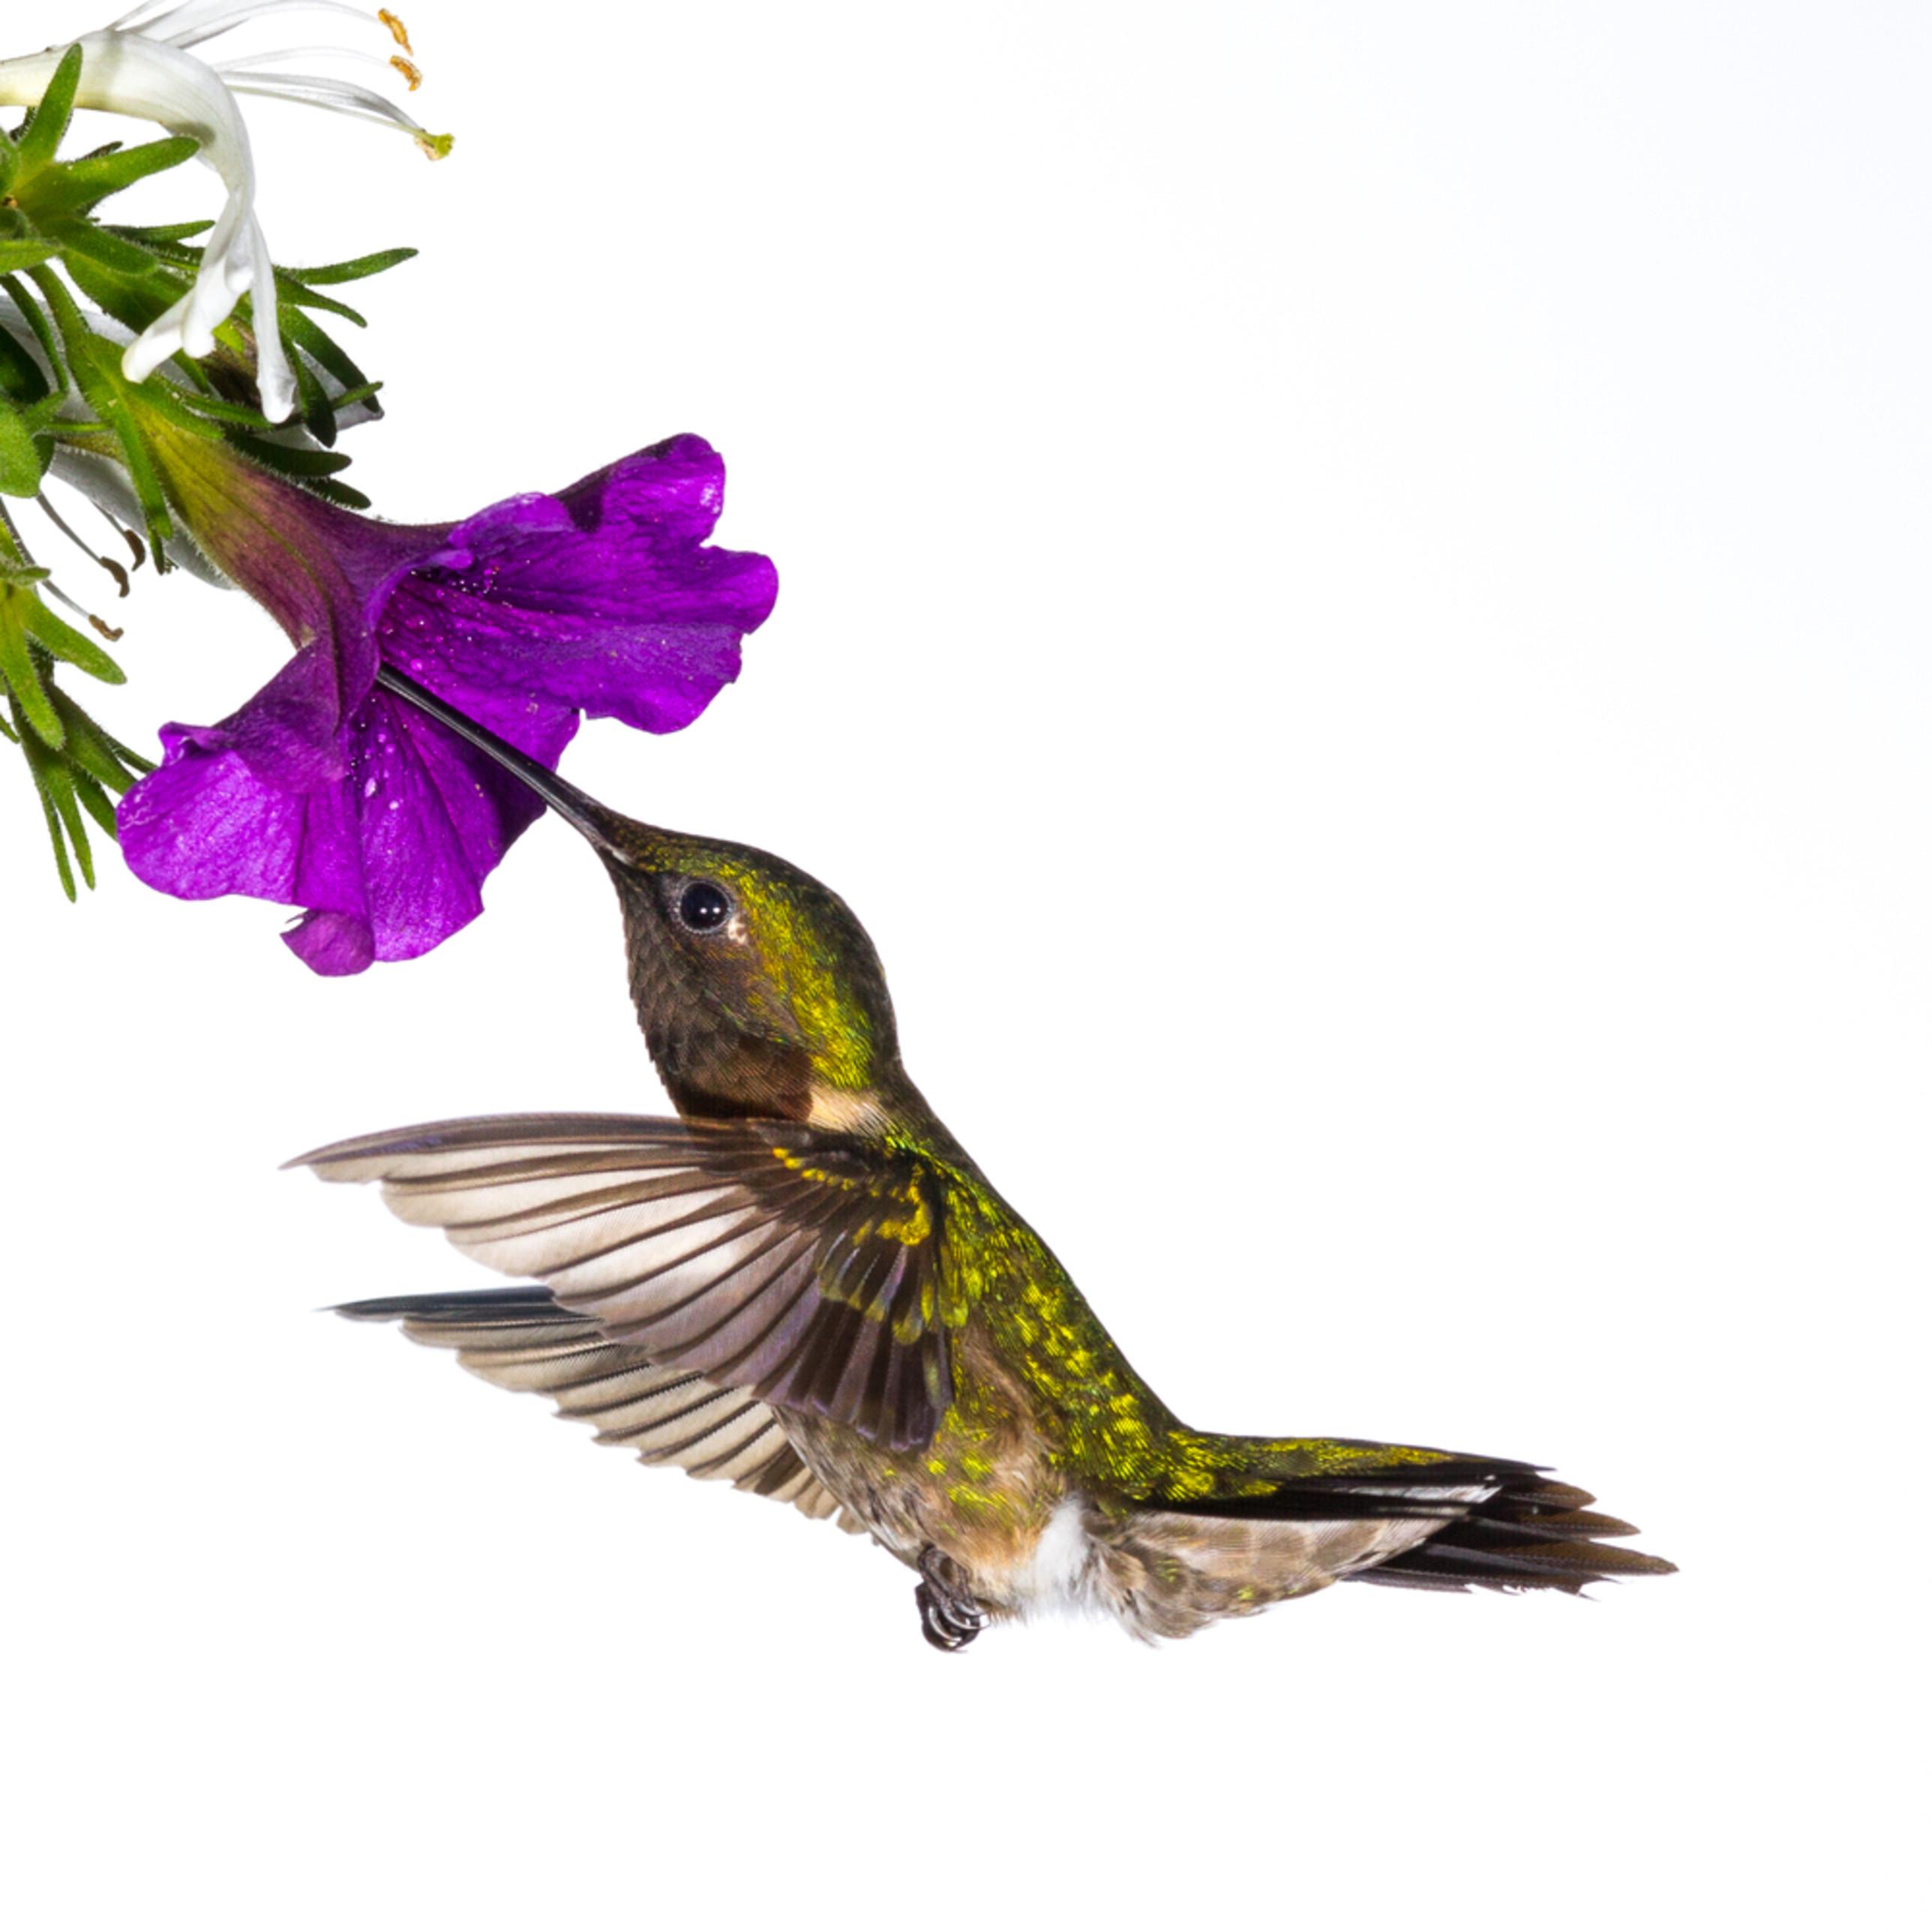 Hummingbirdonwhite 6749 ypmdpp